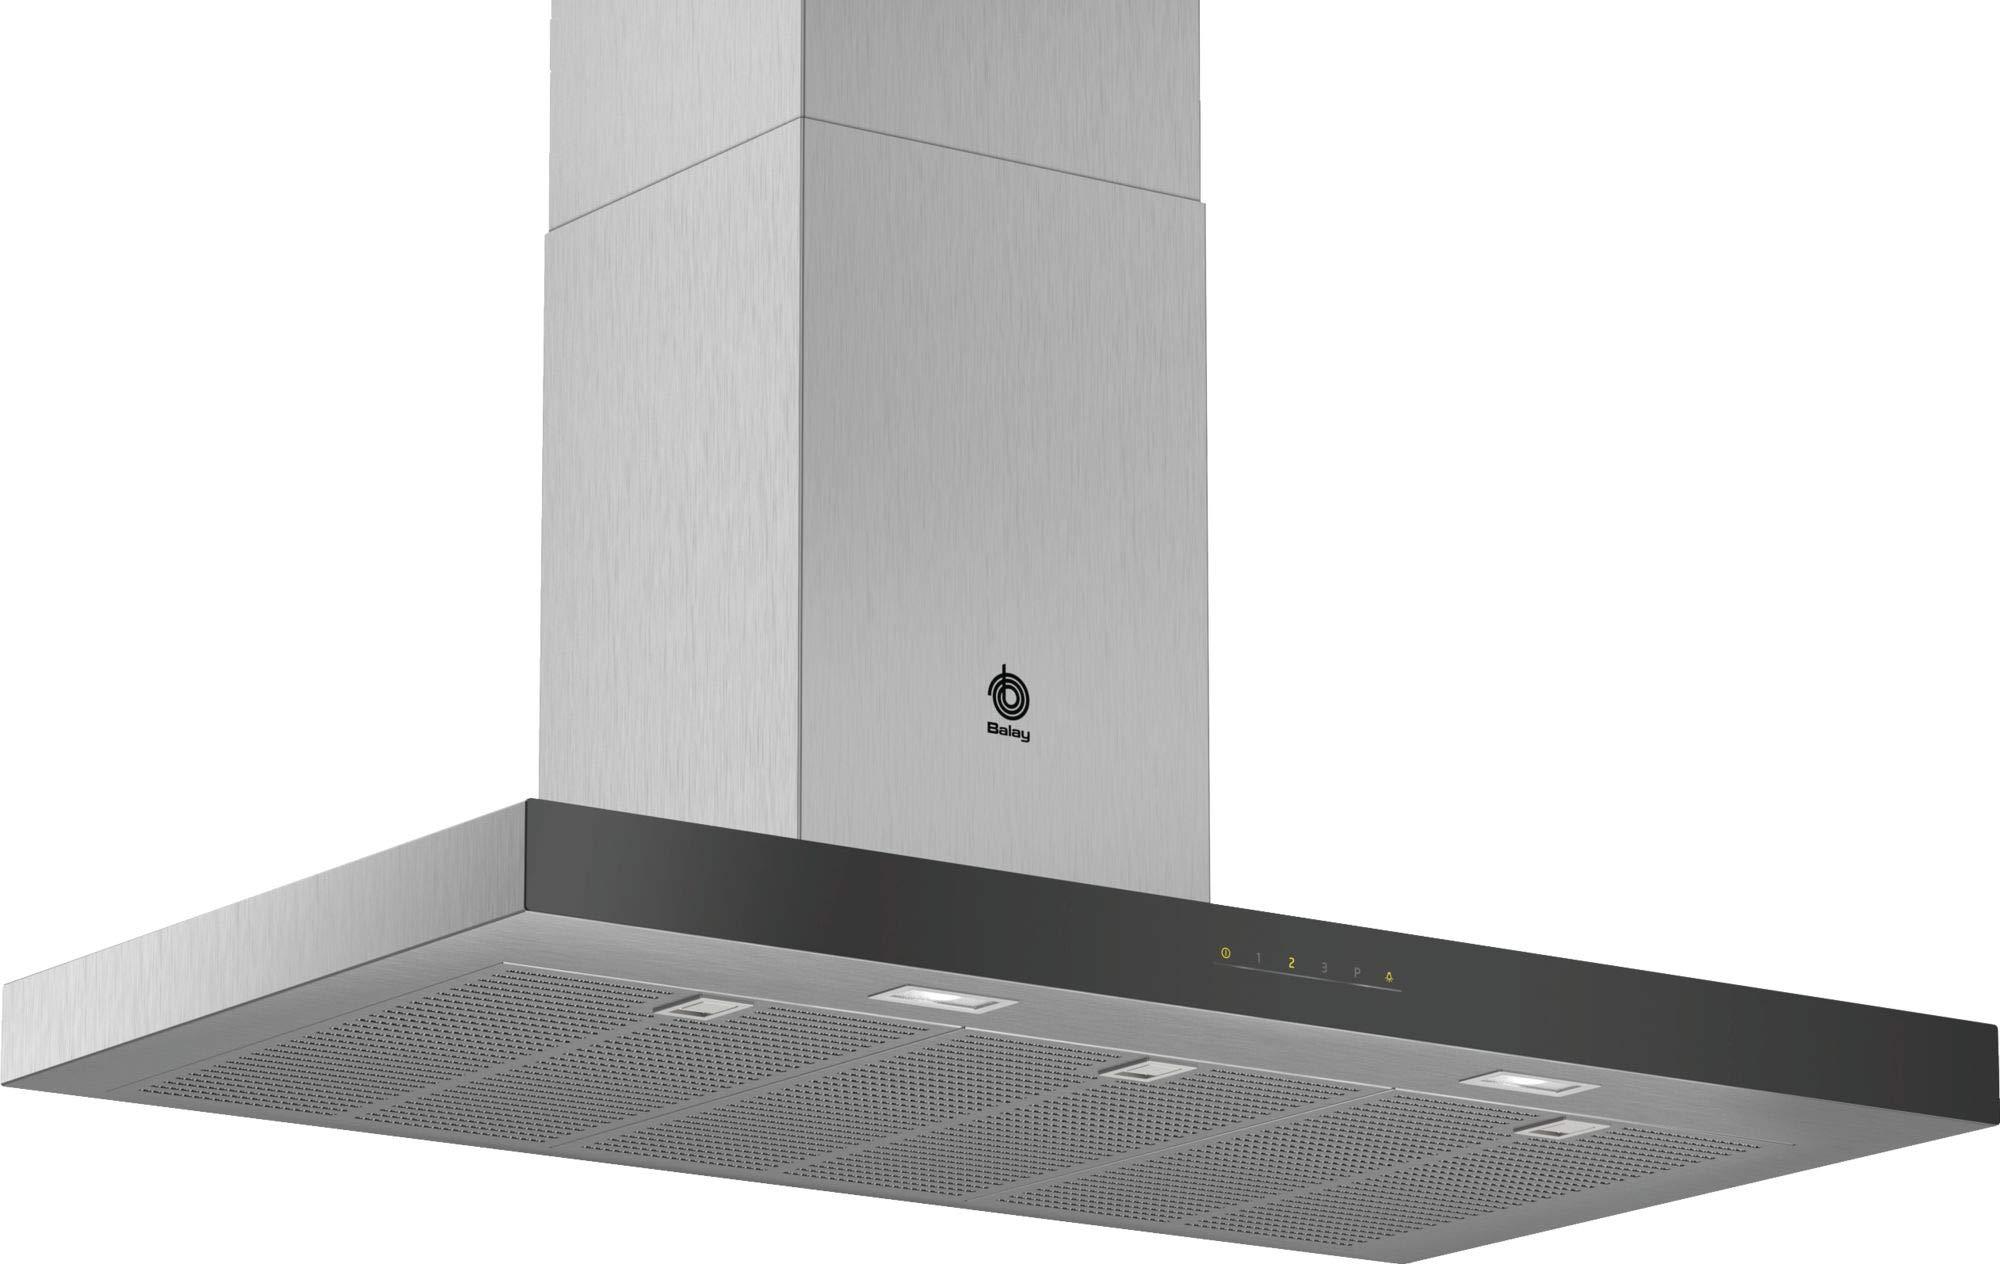 Balay 3BC097GNC - Campana, color negro: 318.47: Amazon.es: Grandes electrodomésticos